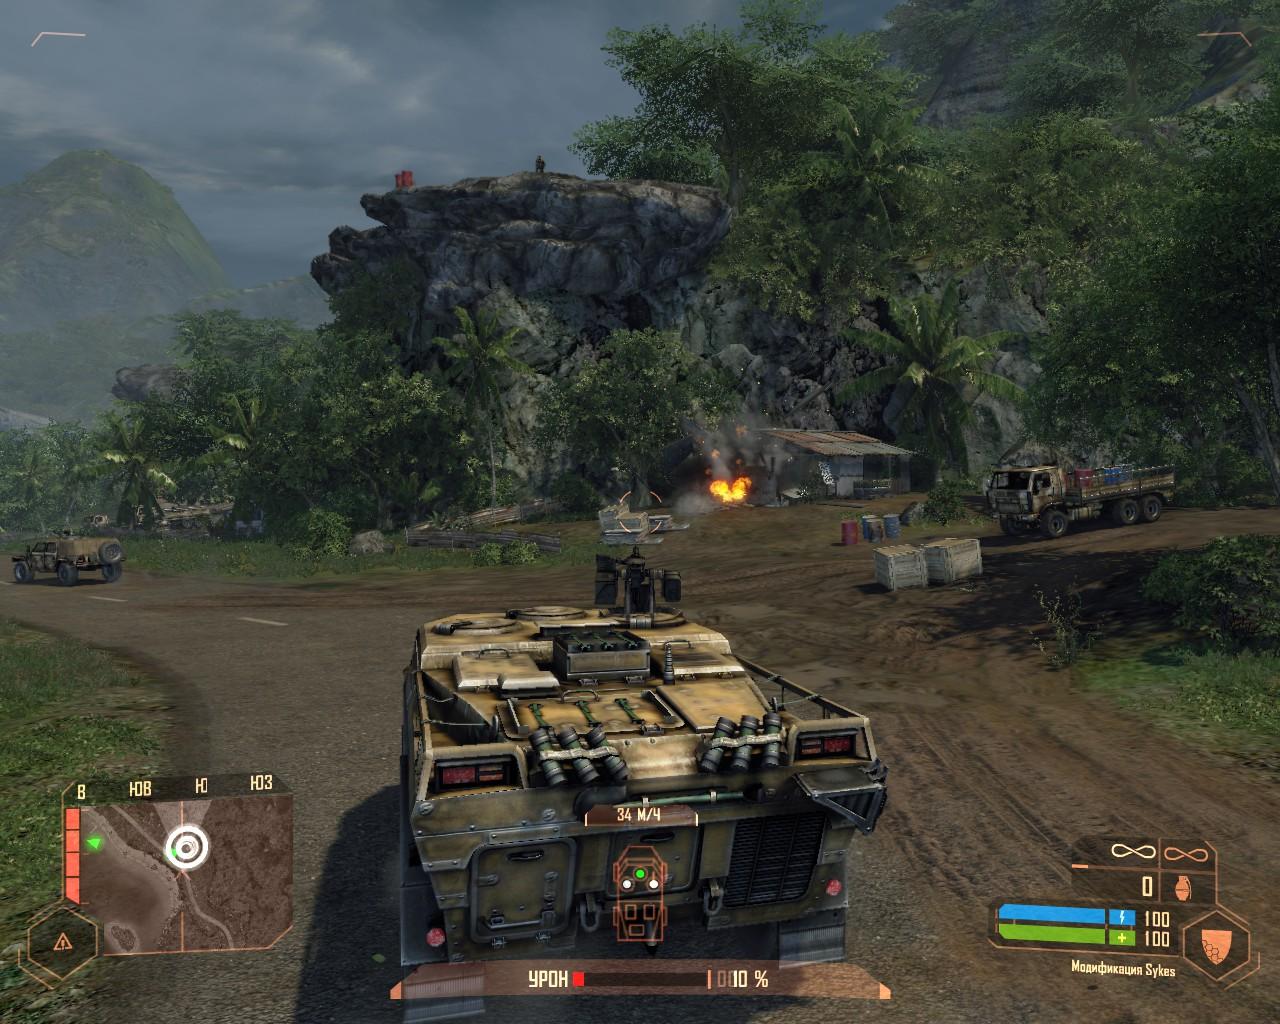 Crysis64 2014-08-12 23-29-37-32.jpg - Crysis Warhead